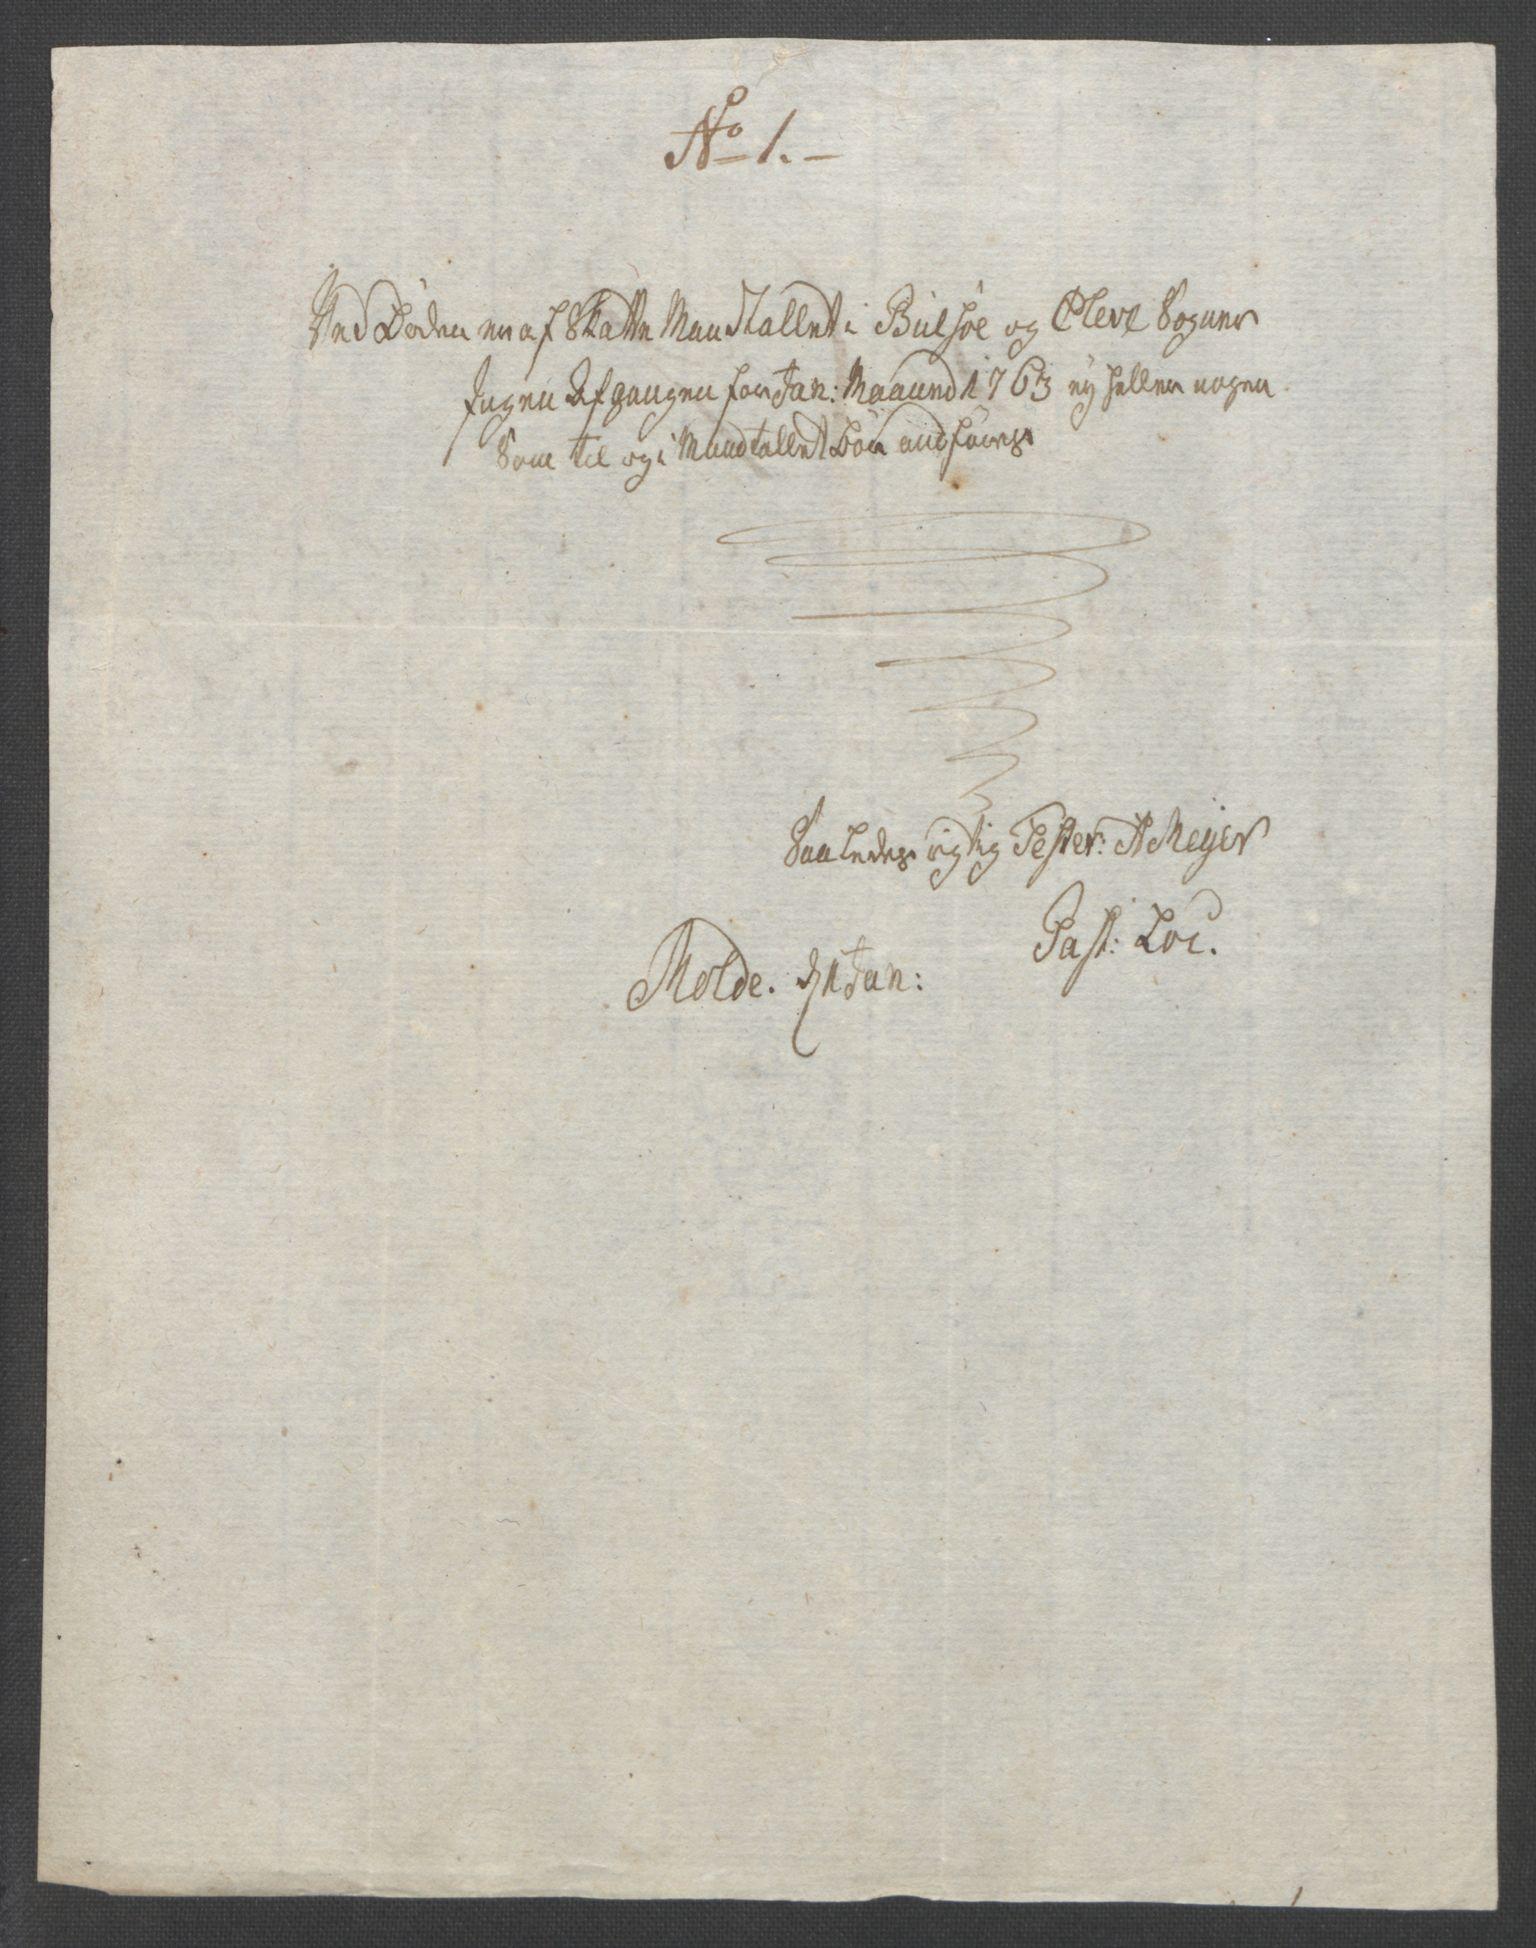 RA, Rentekammeret inntil 1814, Reviderte regnskaper, Fogderegnskap, R55/L3730: Ekstraskatten Romsdal, 1762-1763, s. 362